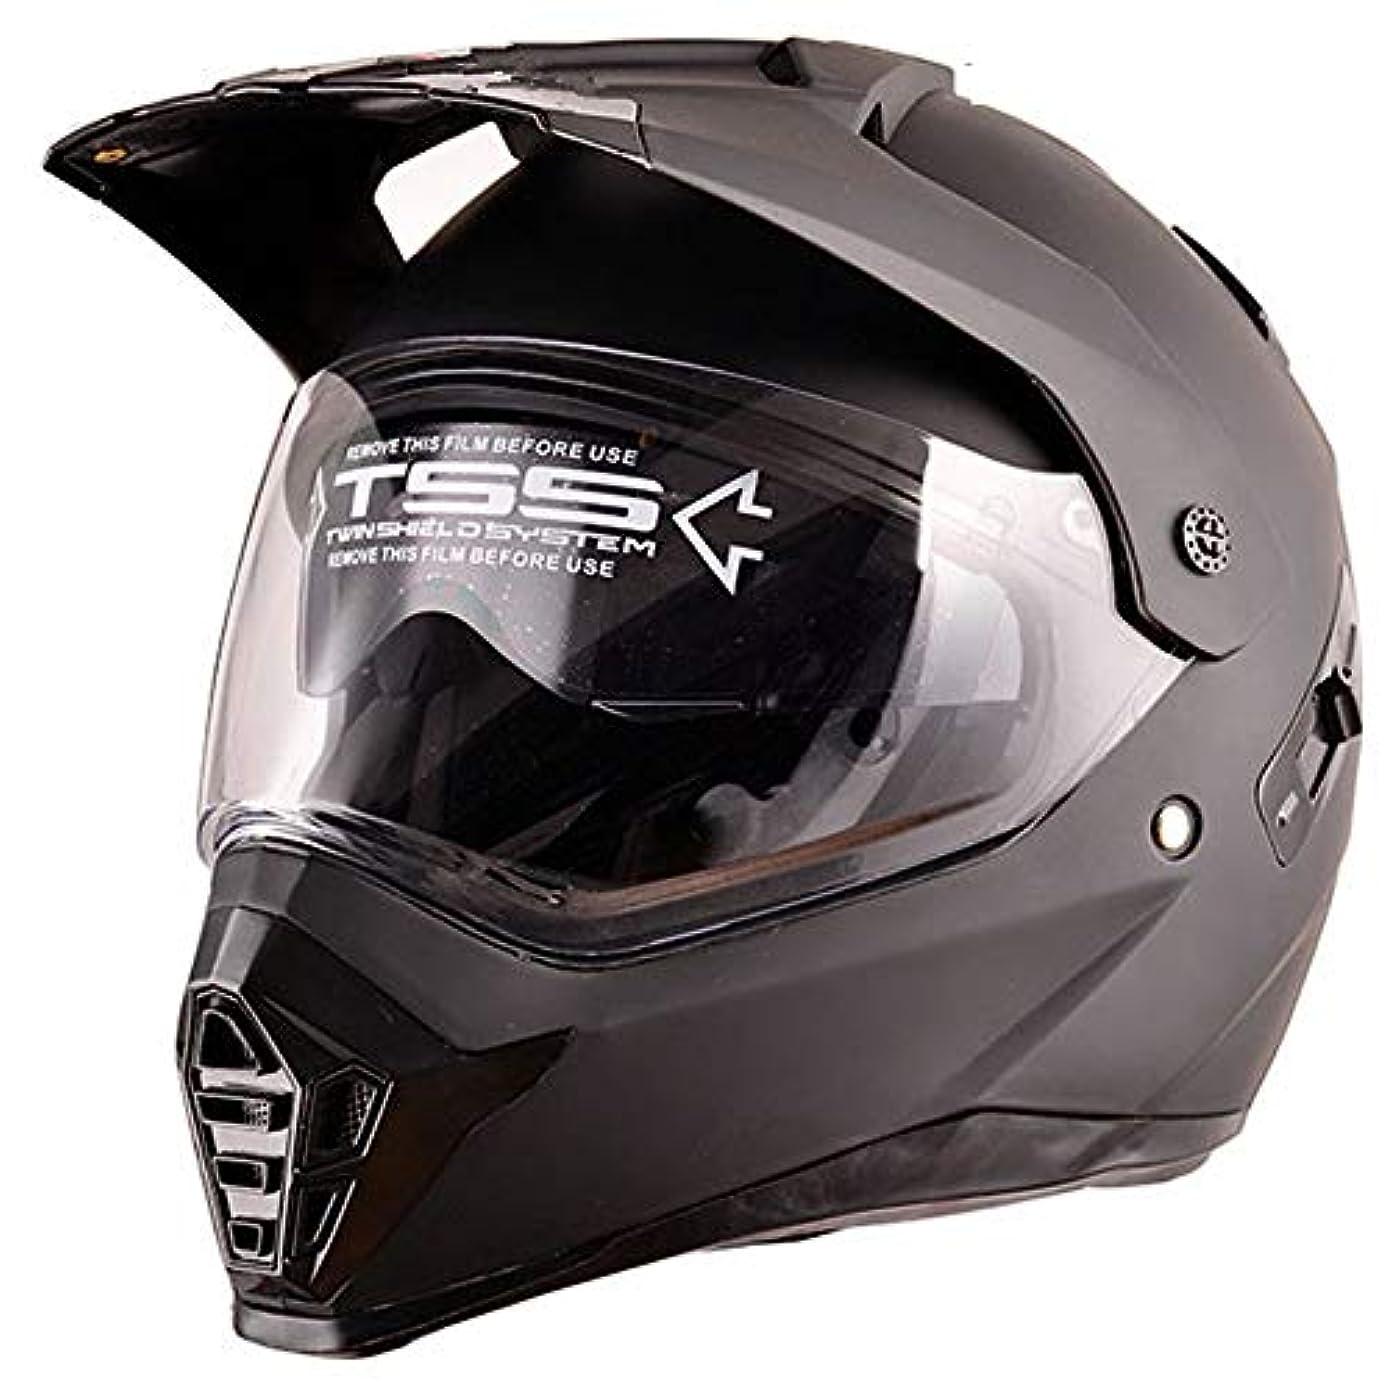 もっともらしい説明する周波数HYH ダブルレンズECEヘルメットモトクロスヘルメットダブルミラーヘルメットマウンテンヘルメットオートバイヘルメットフルカバー四季普遍的な大規模なヘルメット いい人生 (Size : L)